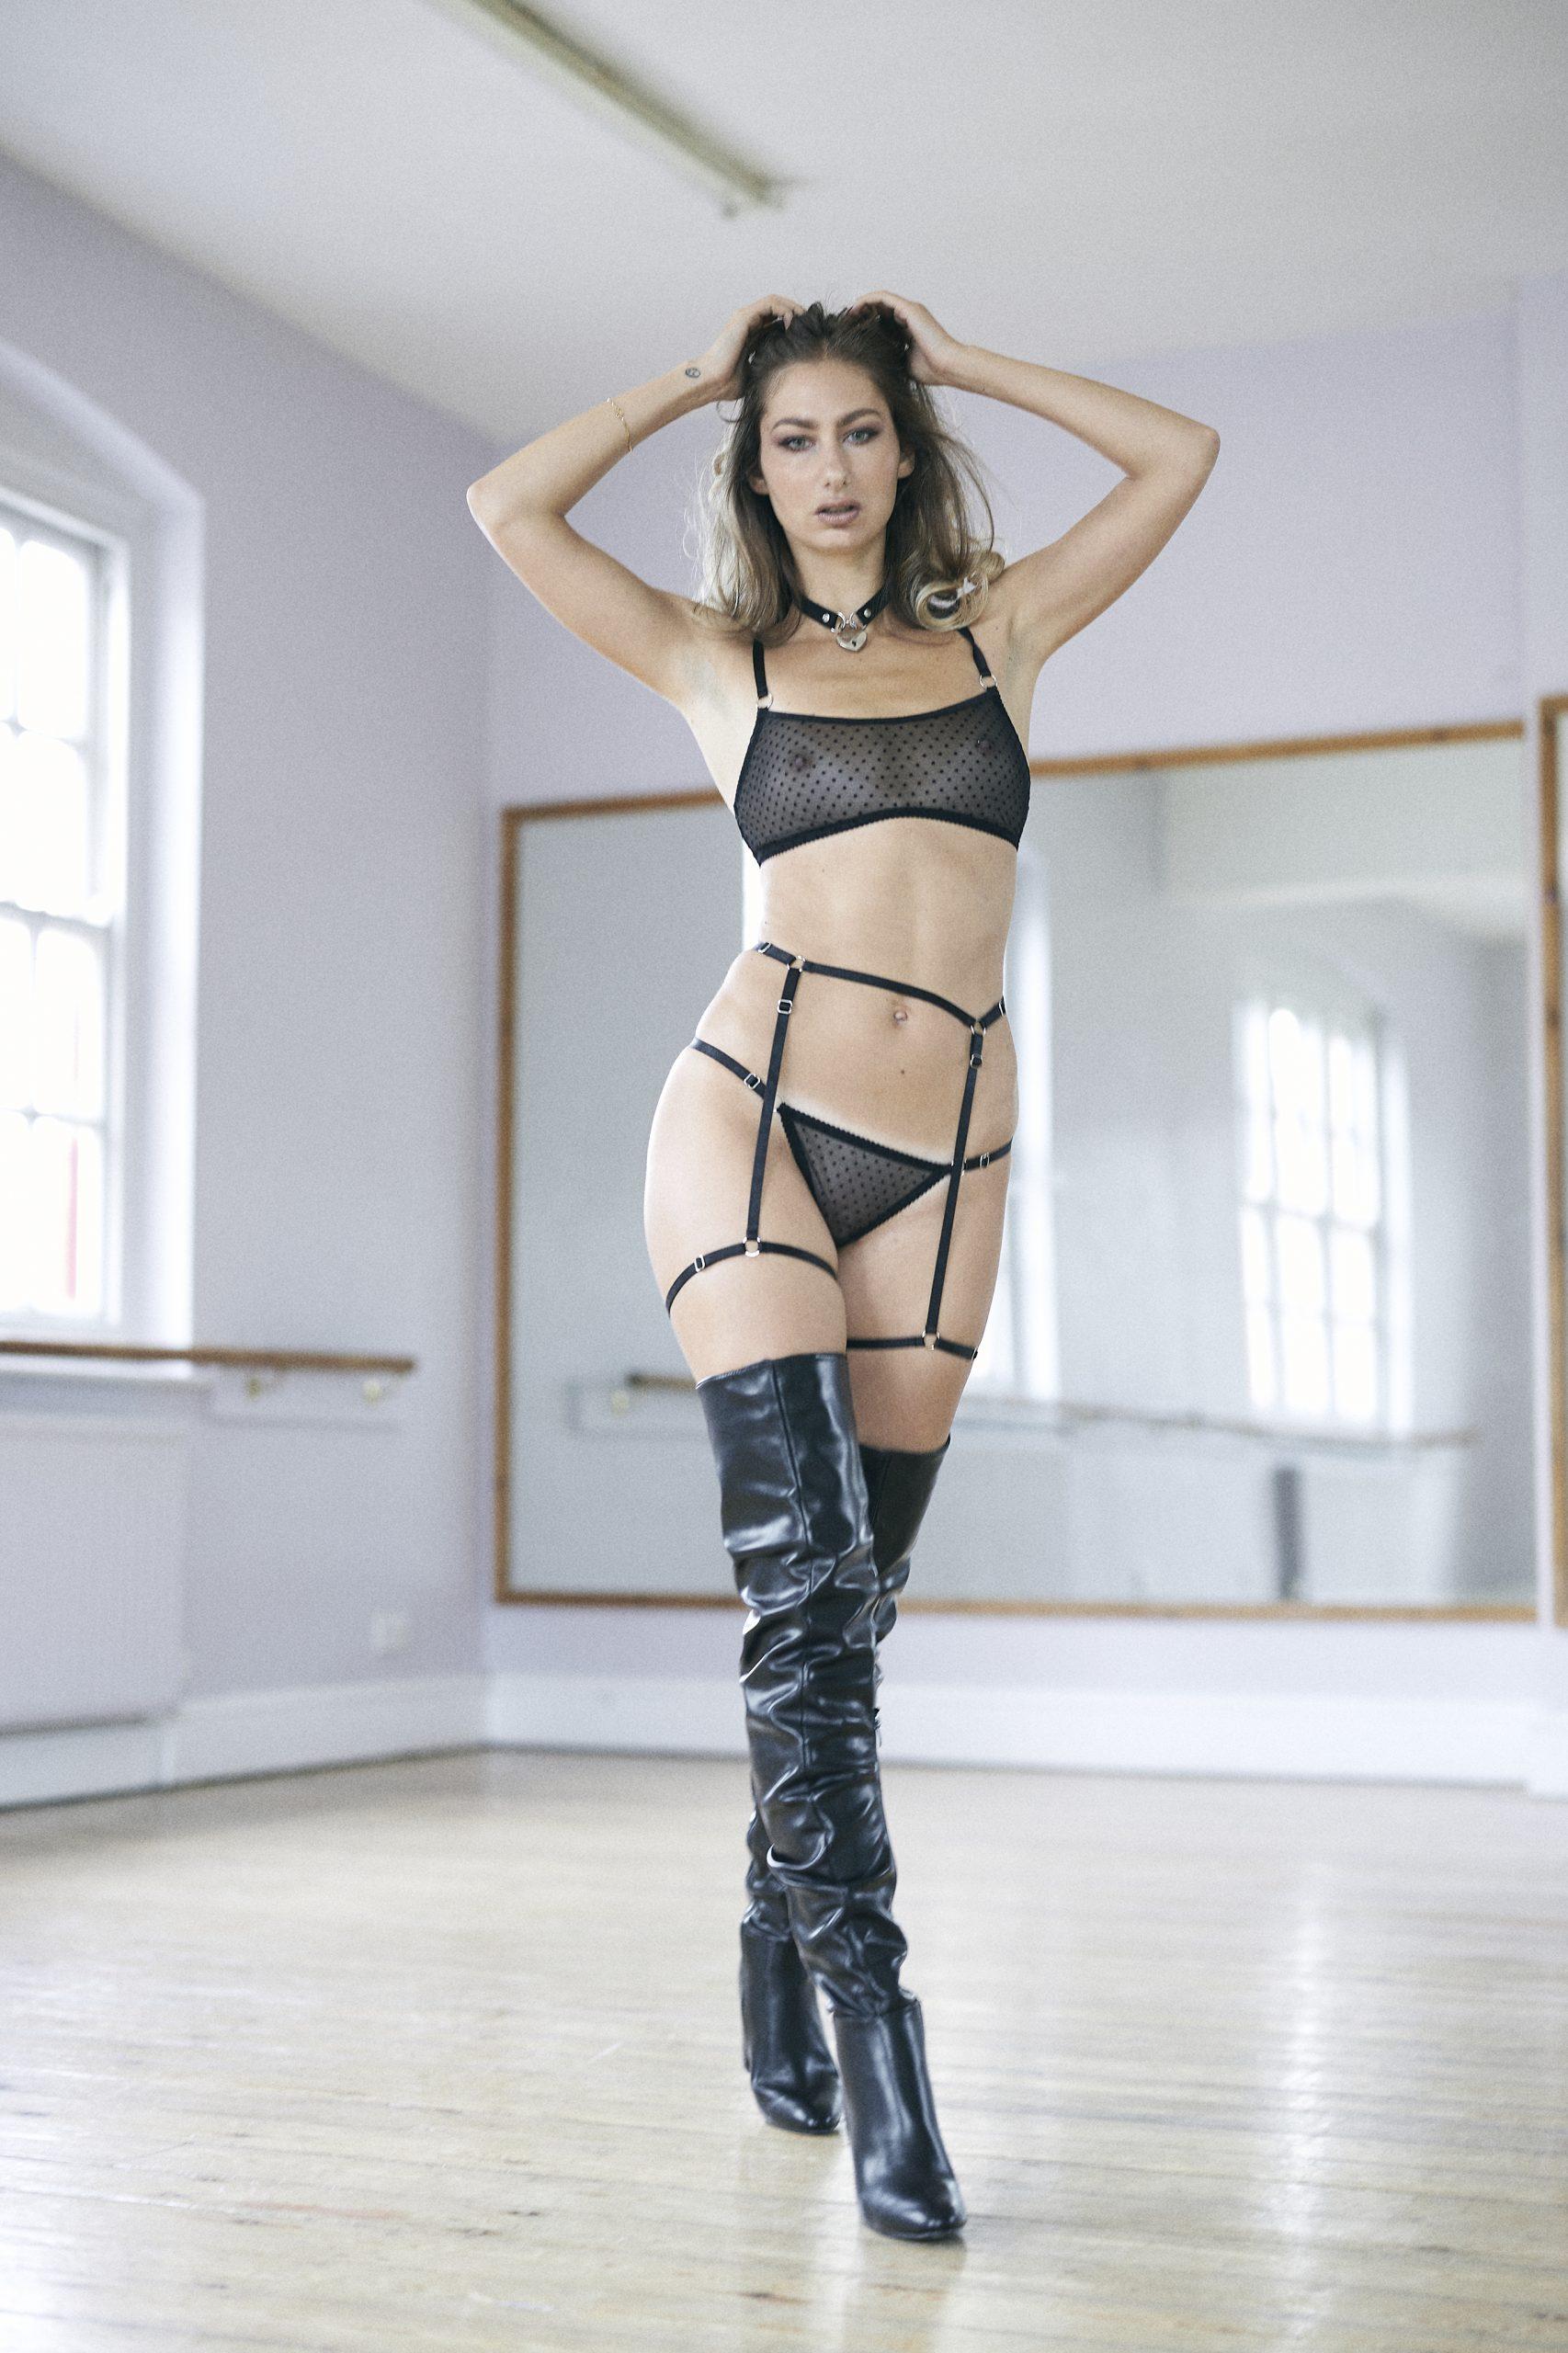 BlackWings Lingerie-Harness Garter Belt